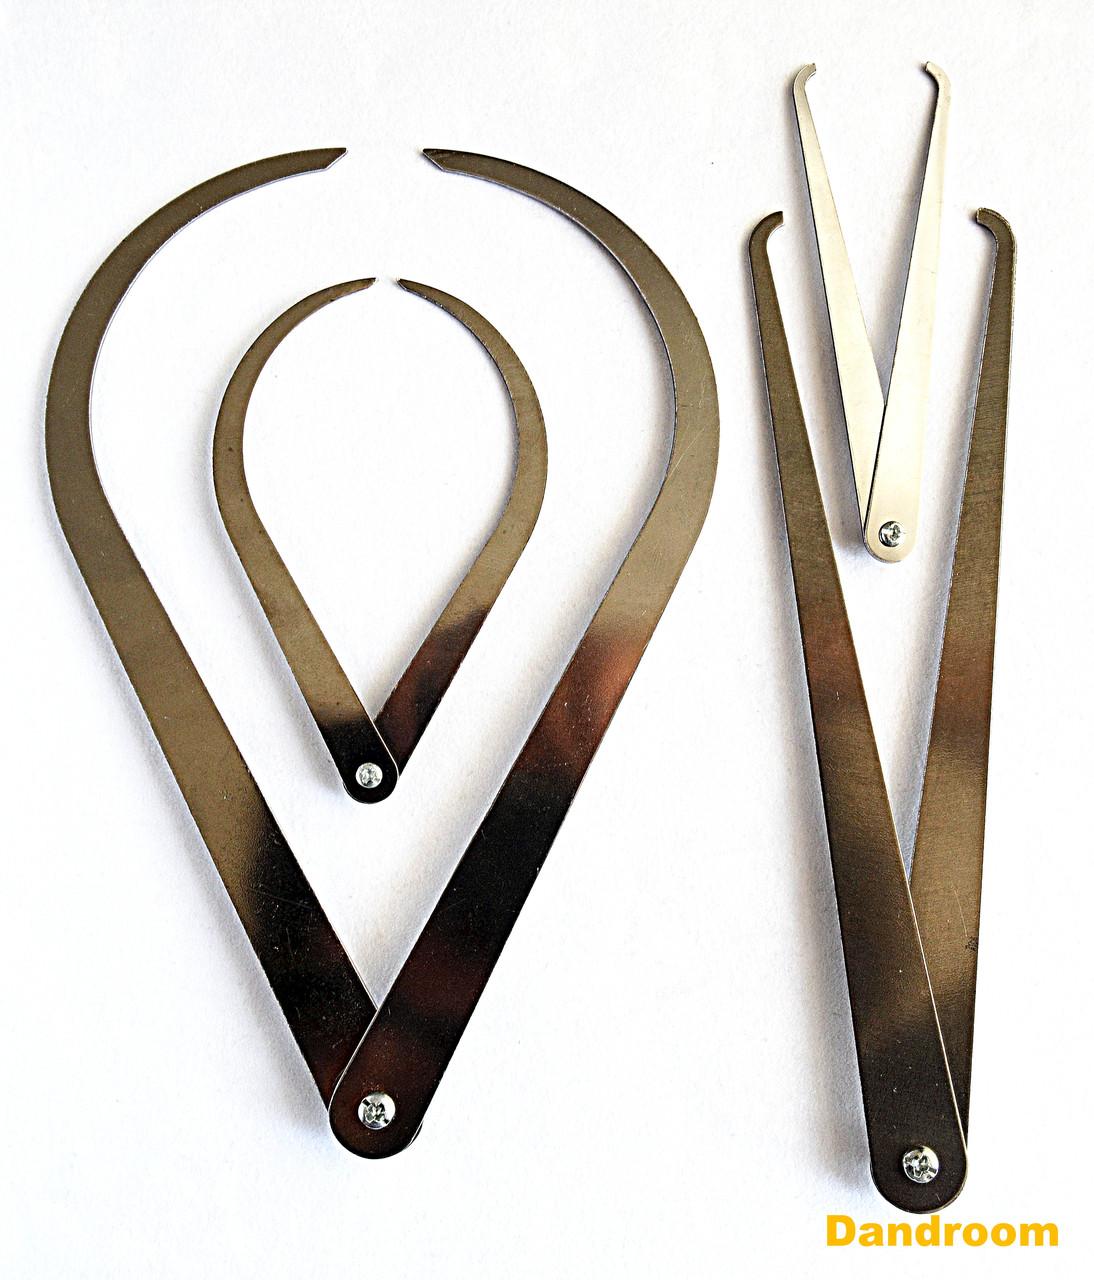 Набір кронциркулей для зовнішніх і внутрішніх вимірів, 4 шт.